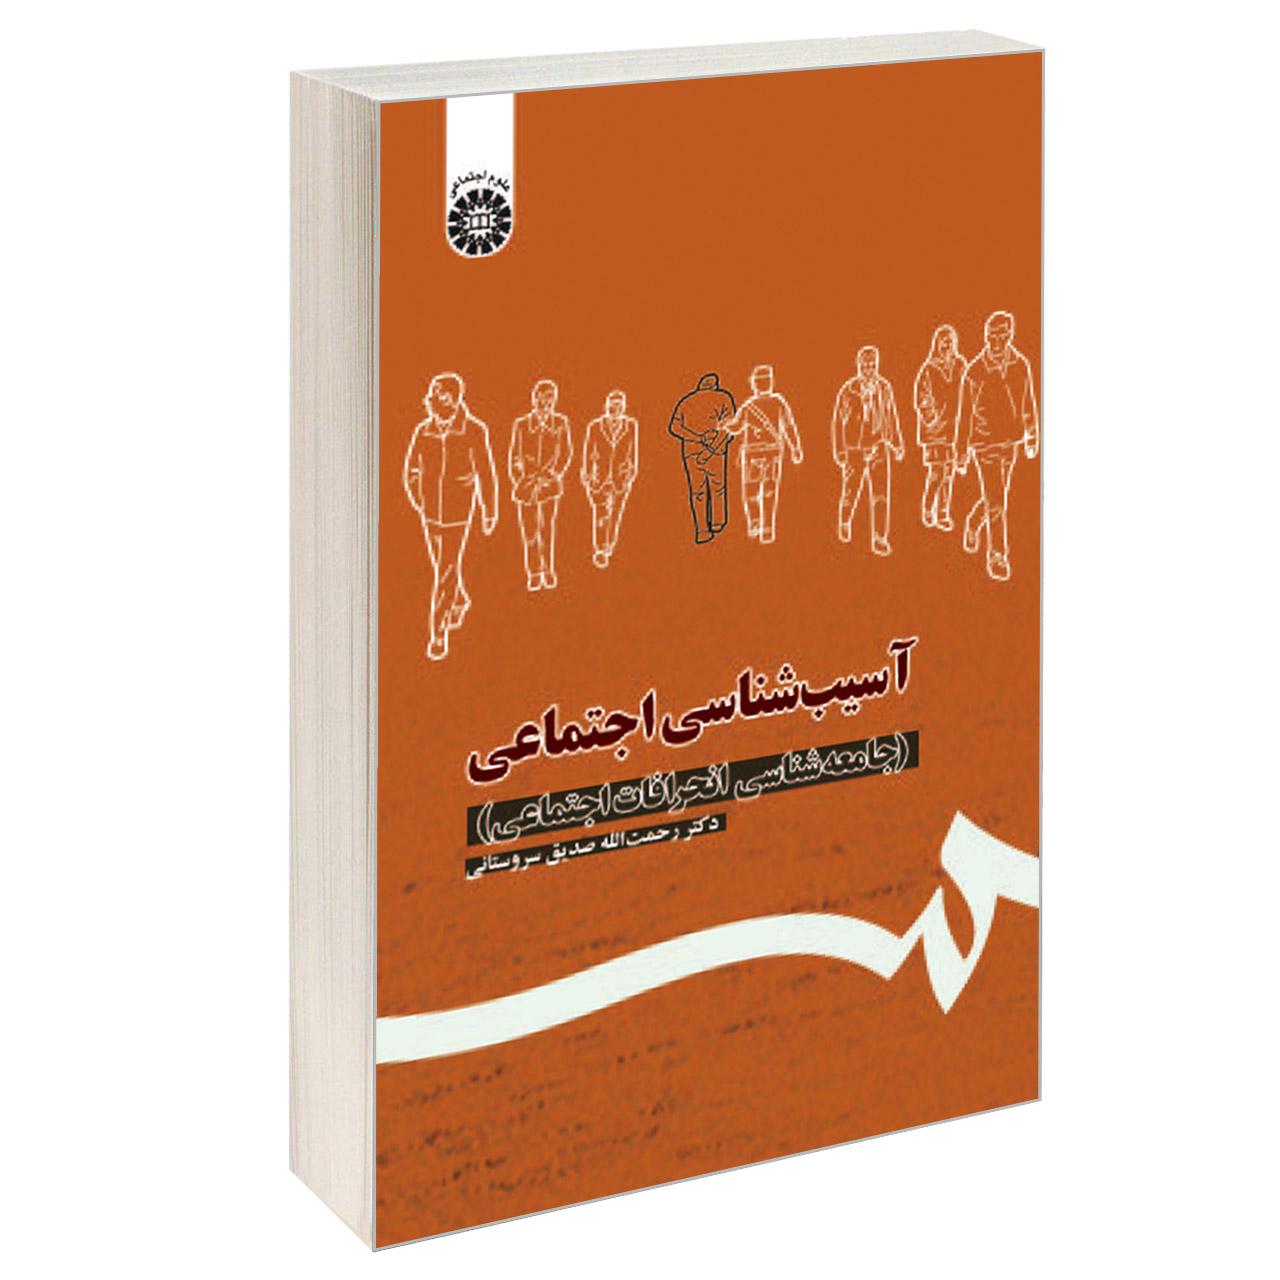 کتاب آسیب شناسی اجتماعی (جامعه شناسی انحرافات اجتماعی) اثر دکتر رحمت الله صدیق سروستانی نشر سمت